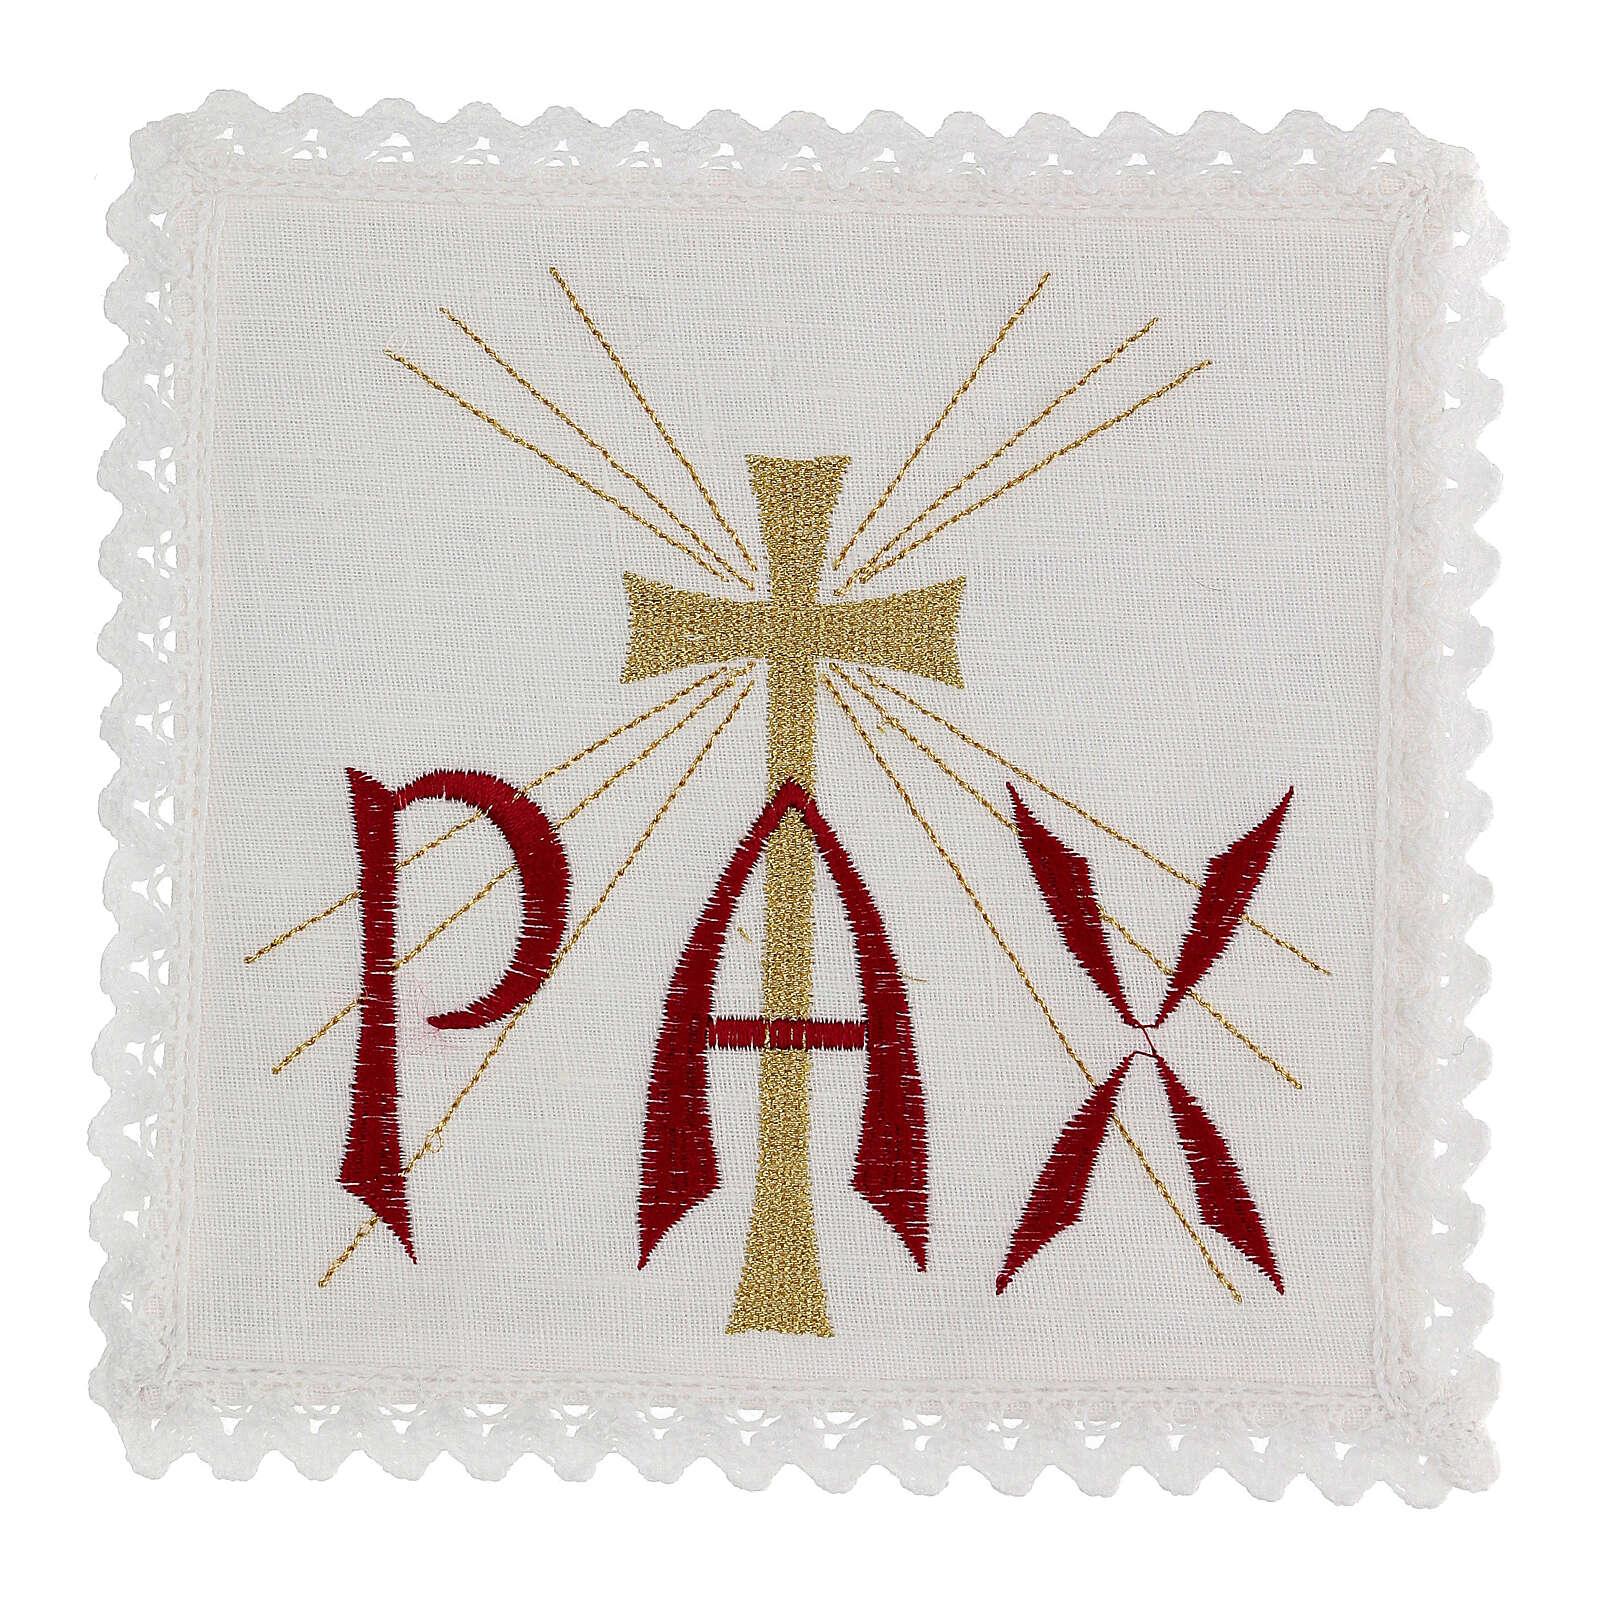 Servicio de altar hilo escrita PAX roja y cruz dorada con rayos 4